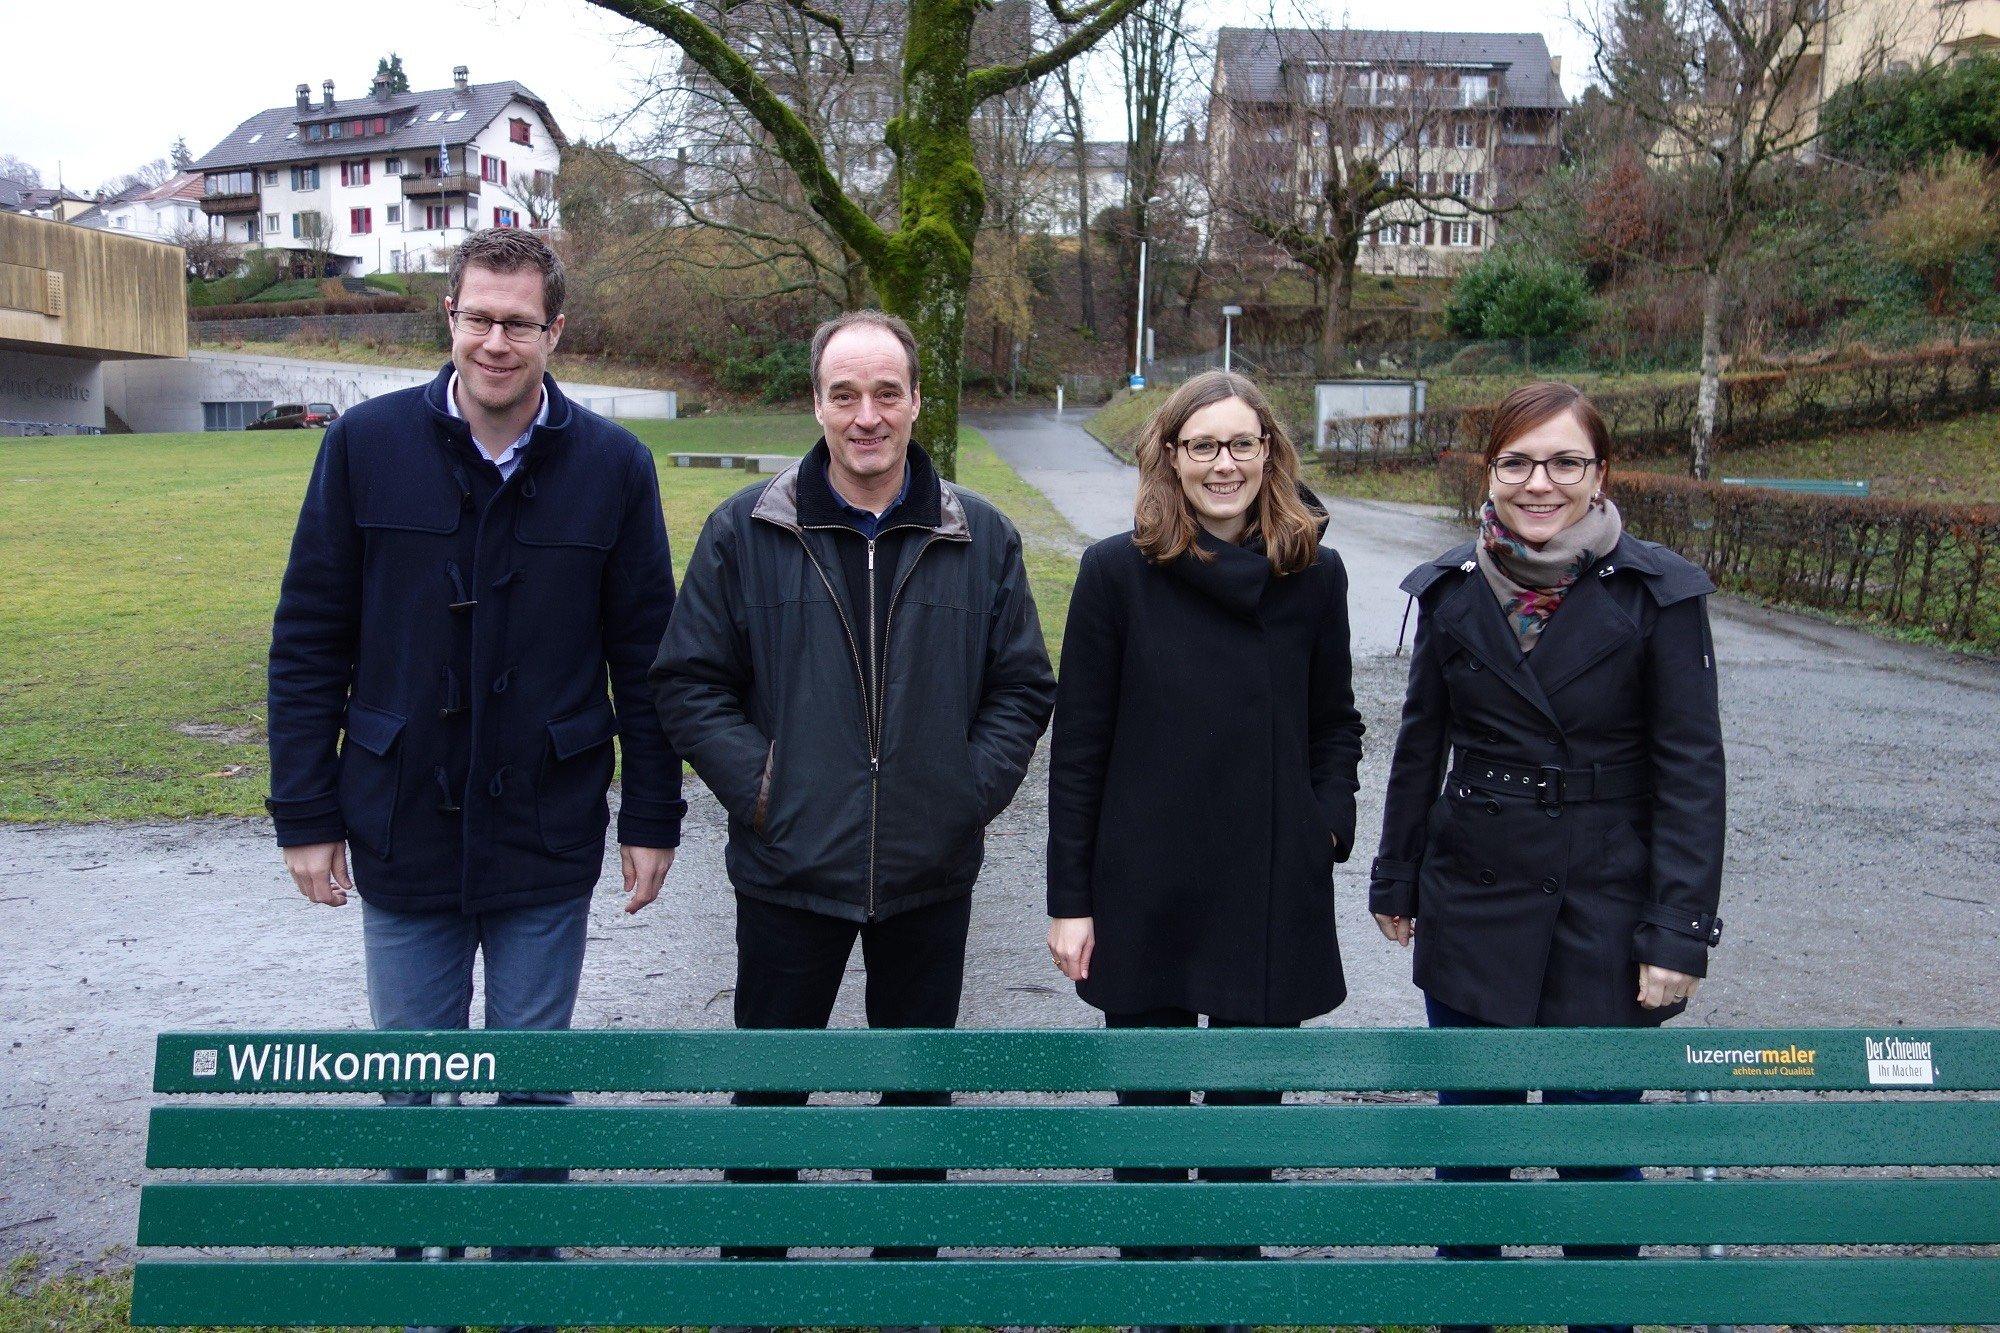 Stehen für eine erfolgreiche Zusammenarbeit für die Stadtluzerner Sitzbänke: Cornel Suter (links), Gerold Michel, Anna Hartmann und Sandra Räber.